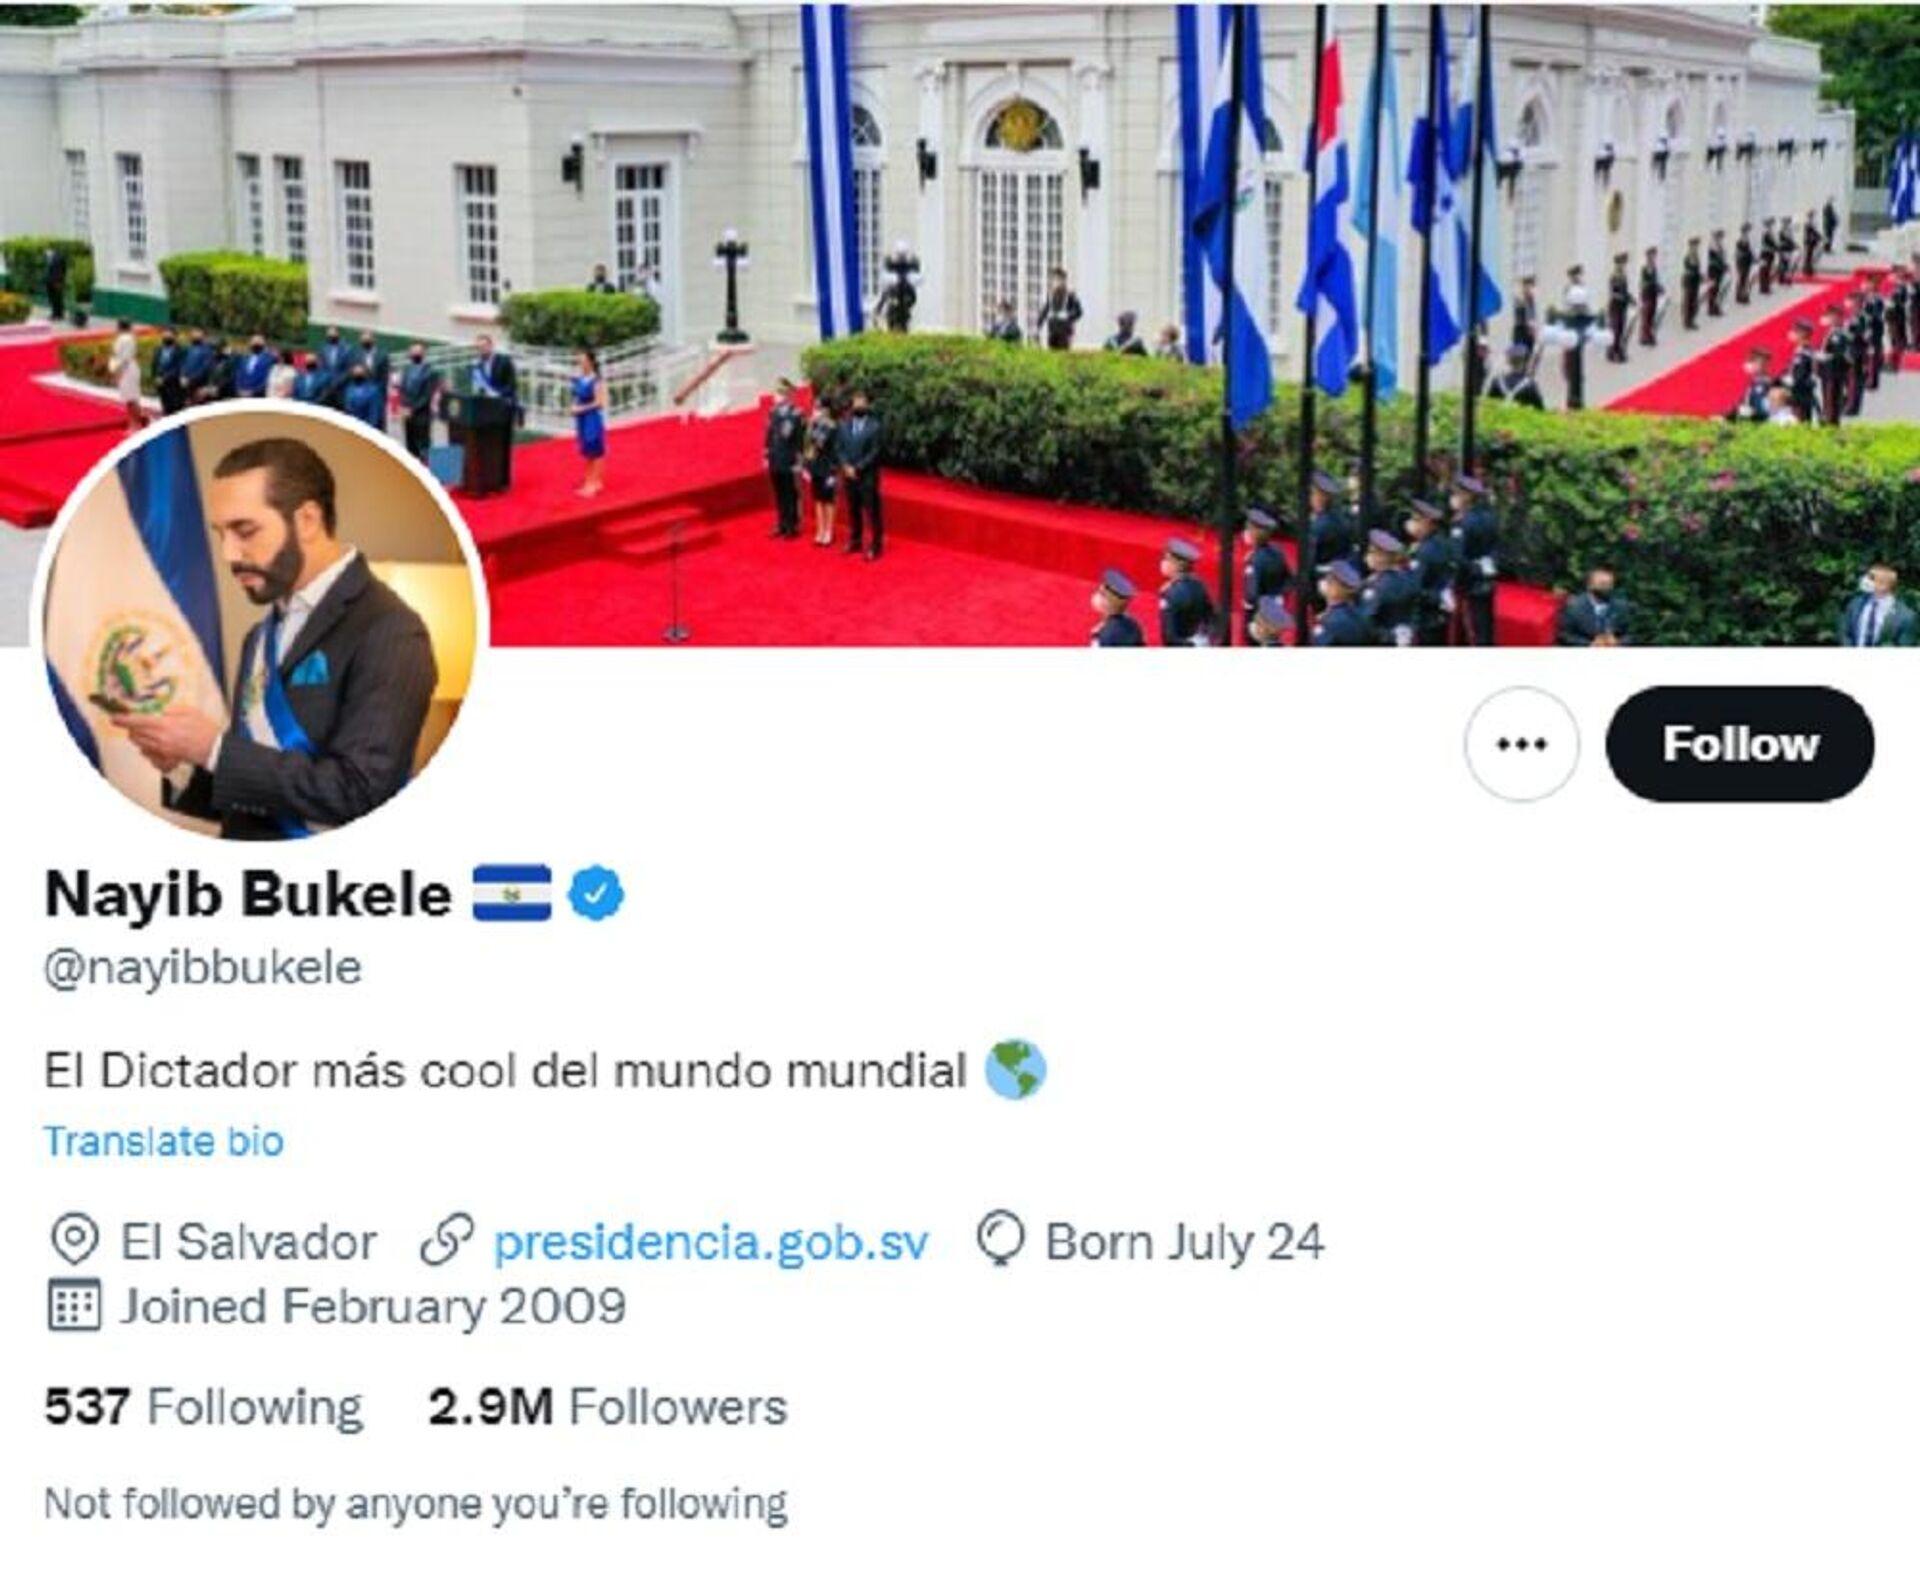 Το προφίλ του ηγέτη του Ελ Σαλβαδόρ, Ναγίμπ Μπουκέλε, στο Twitter - Sputnik Ελλάδα, 1920, 23.09.2021